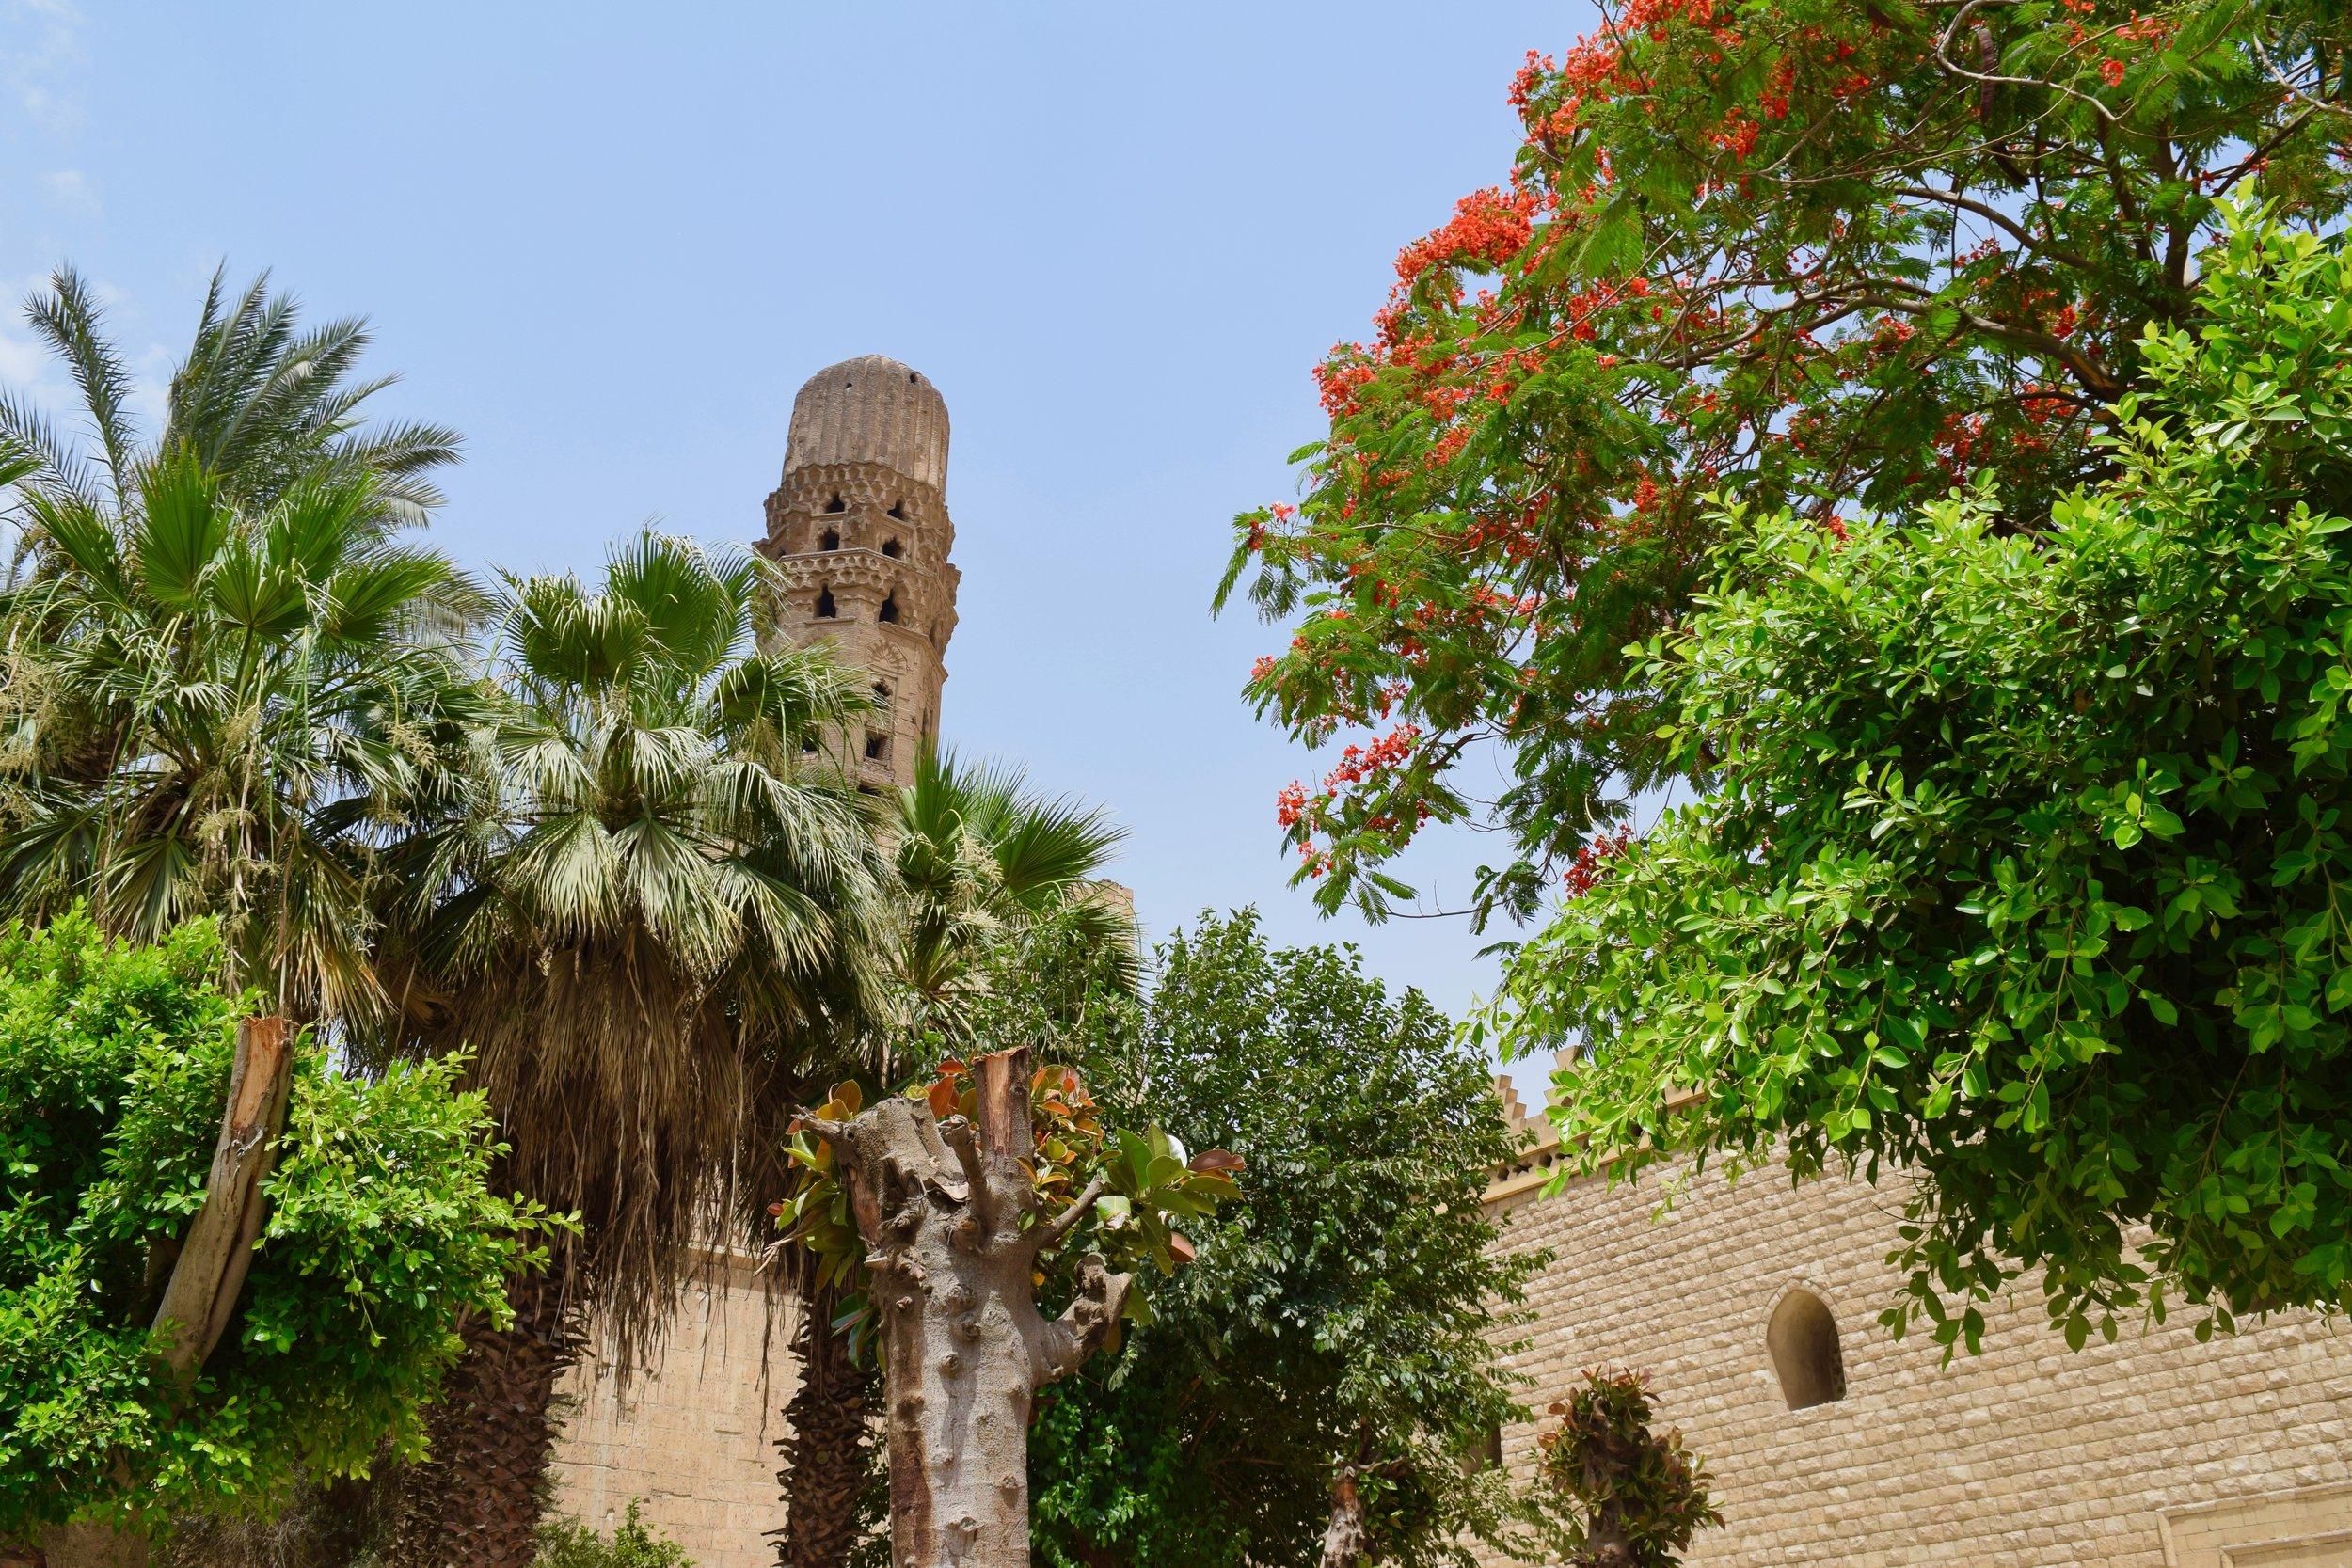 Garden outside the mosque